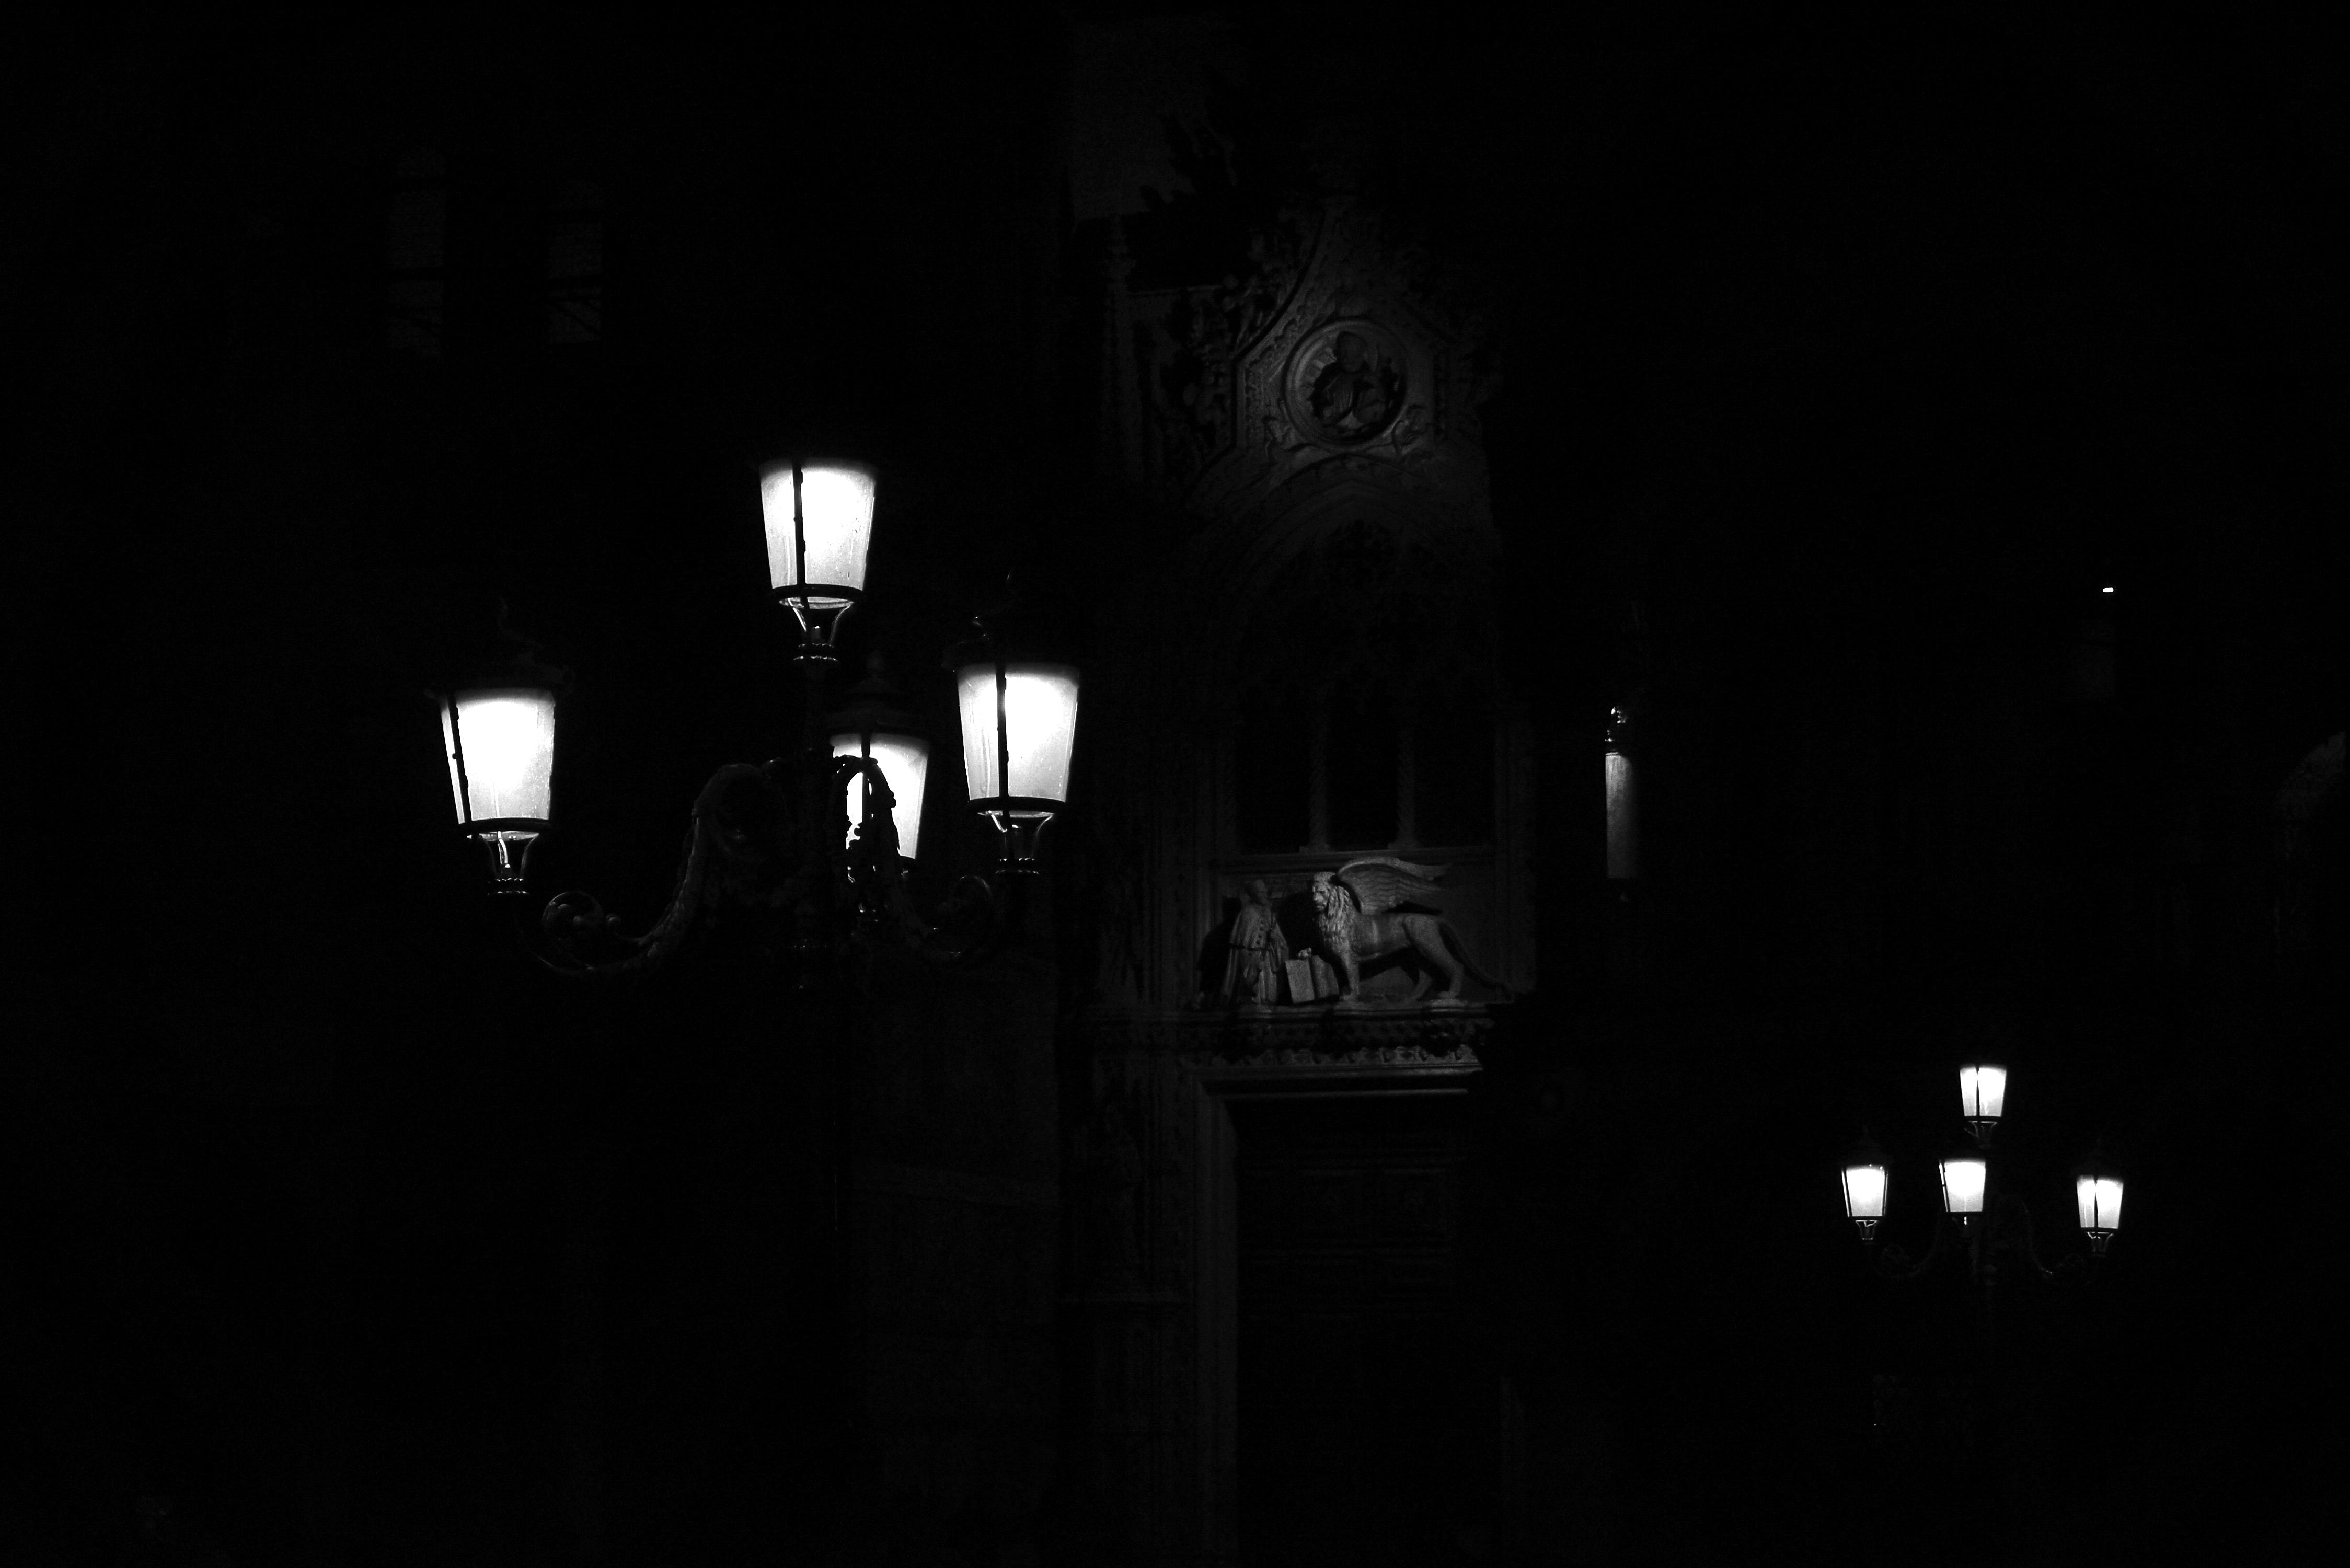 Un periodo buio per Venezia di renzo brazzolotto